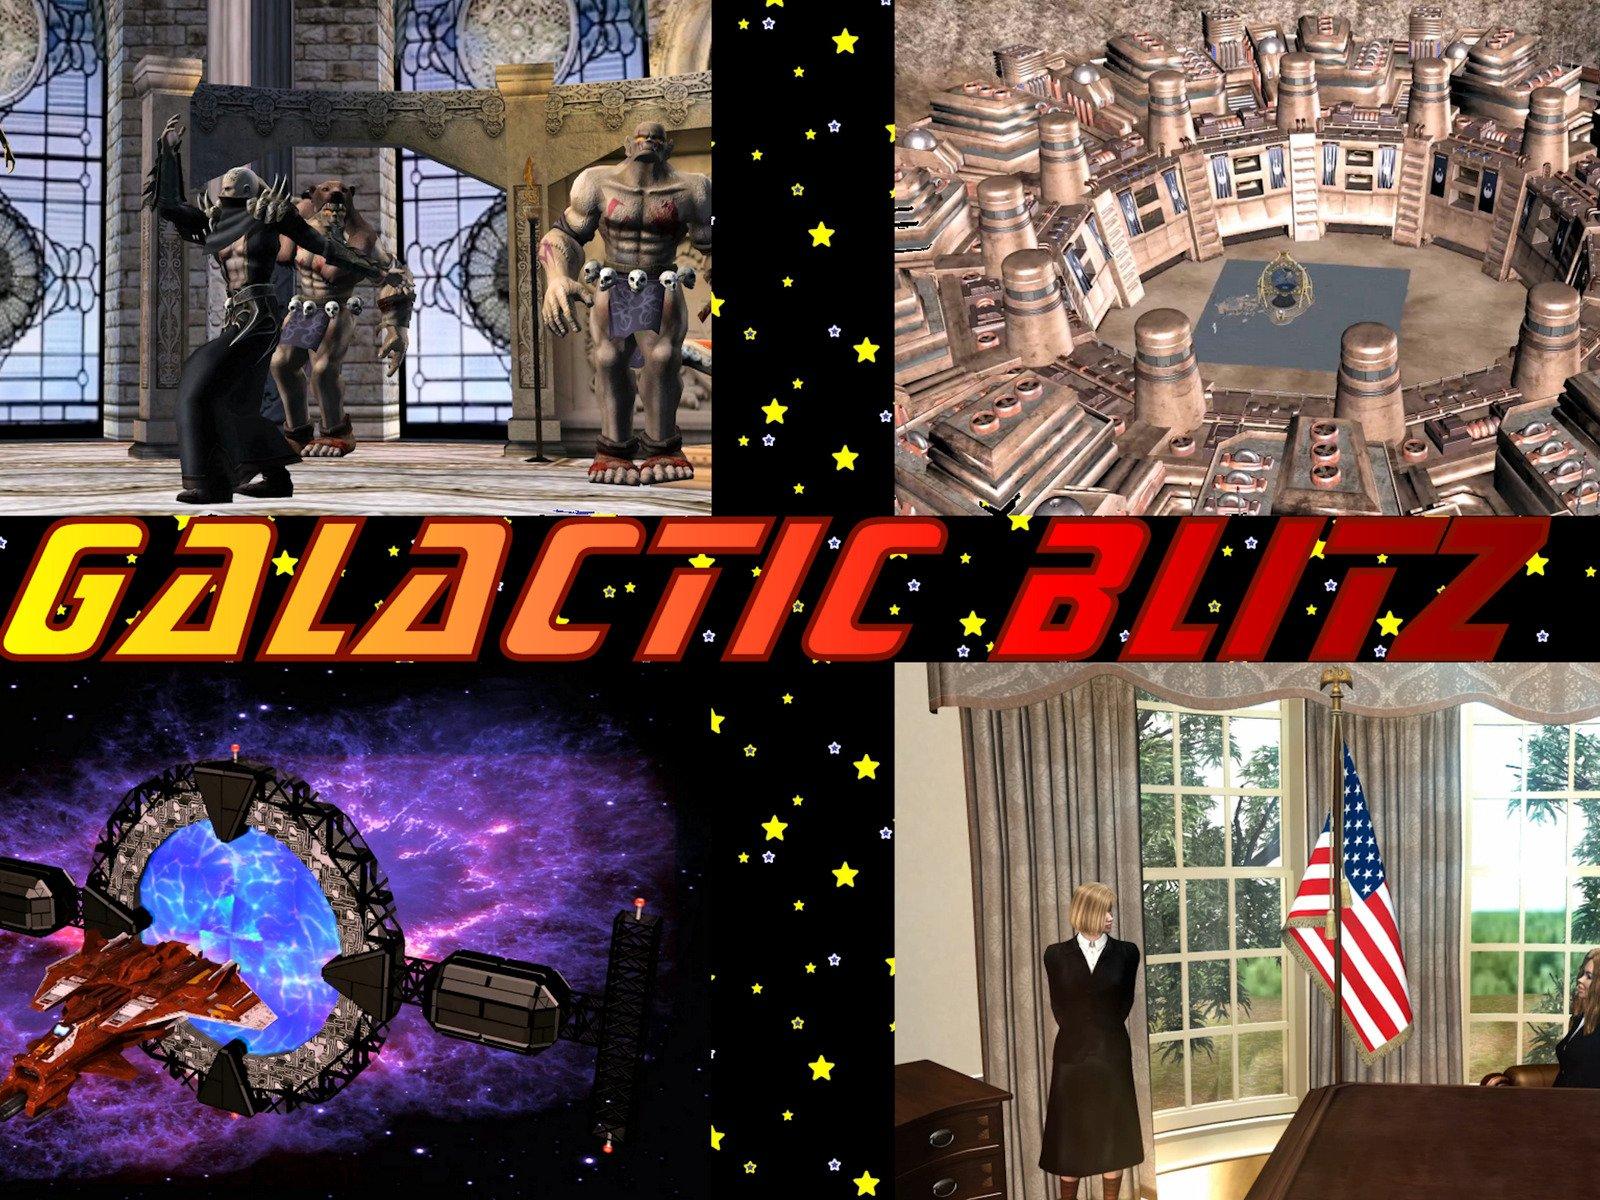 Clip: Galactic Blitz